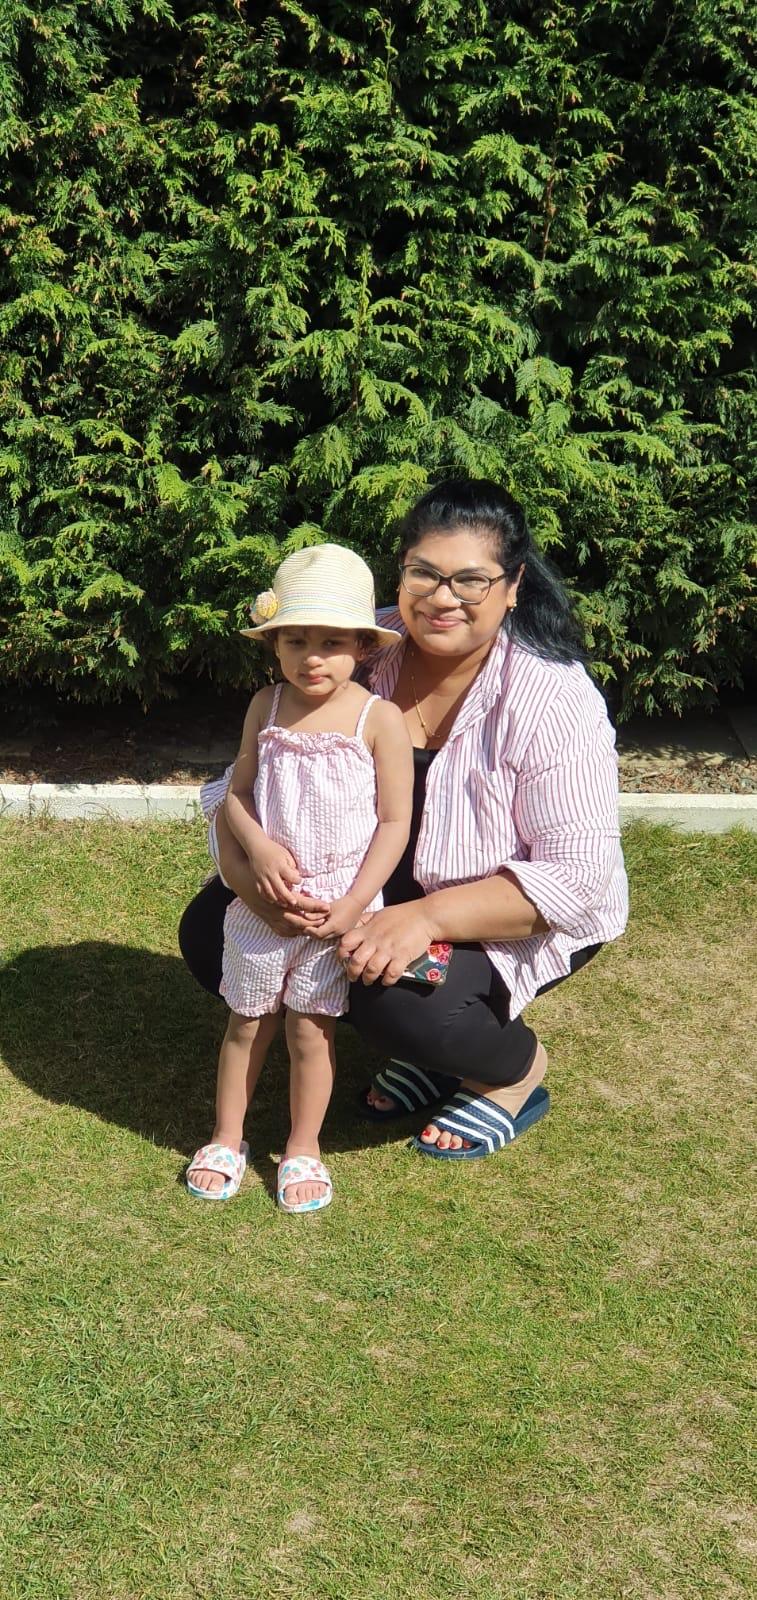 Shivani & Anushka